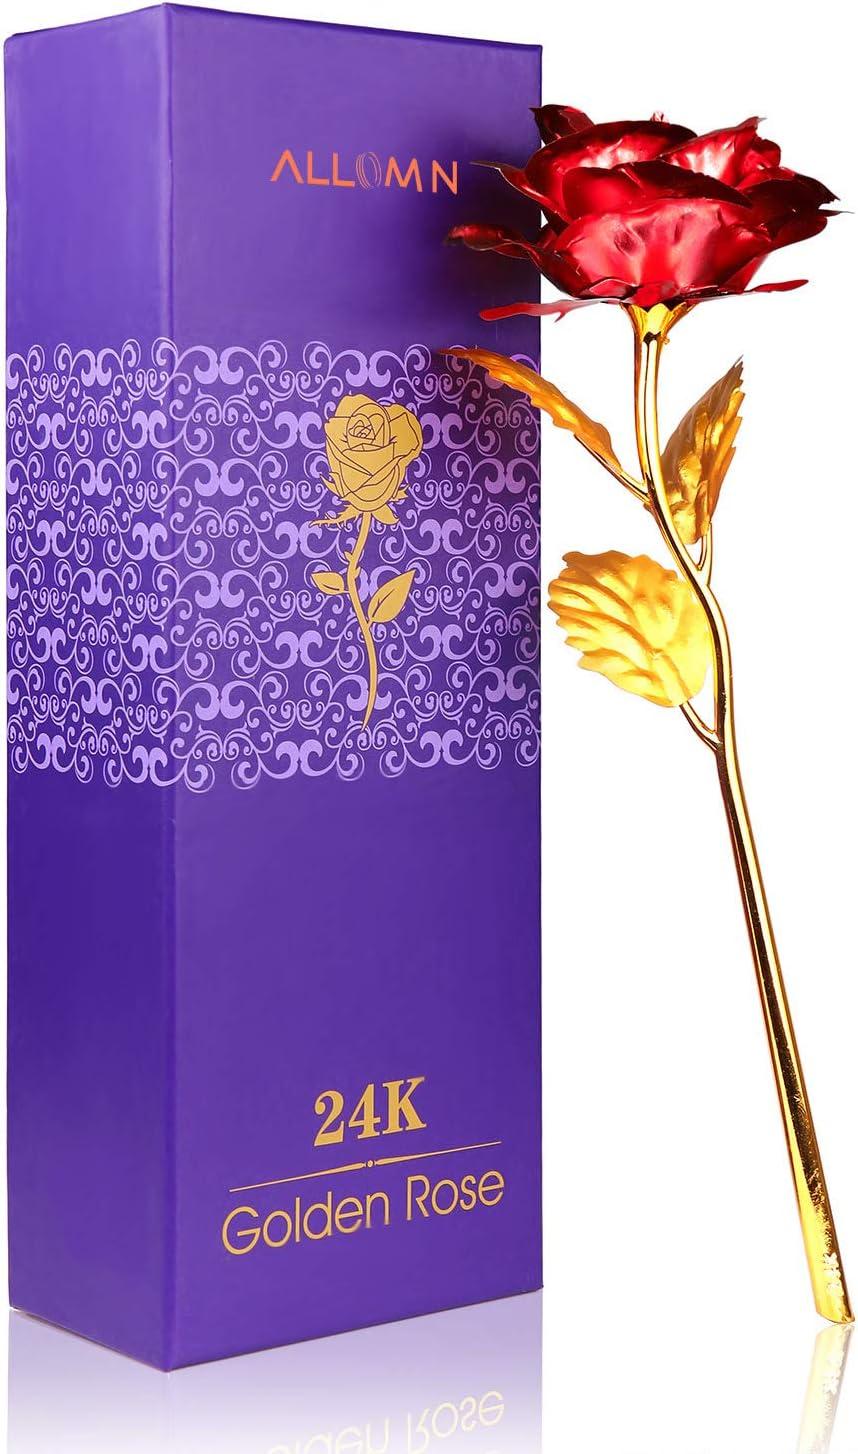 Rosa 24 K chapado en oro rosa flor con caja de regalo mejor regalo para el día de San Valentín Día de la madre Navidad cumpleaños dorado/rojo/morado/azul (Rojo)